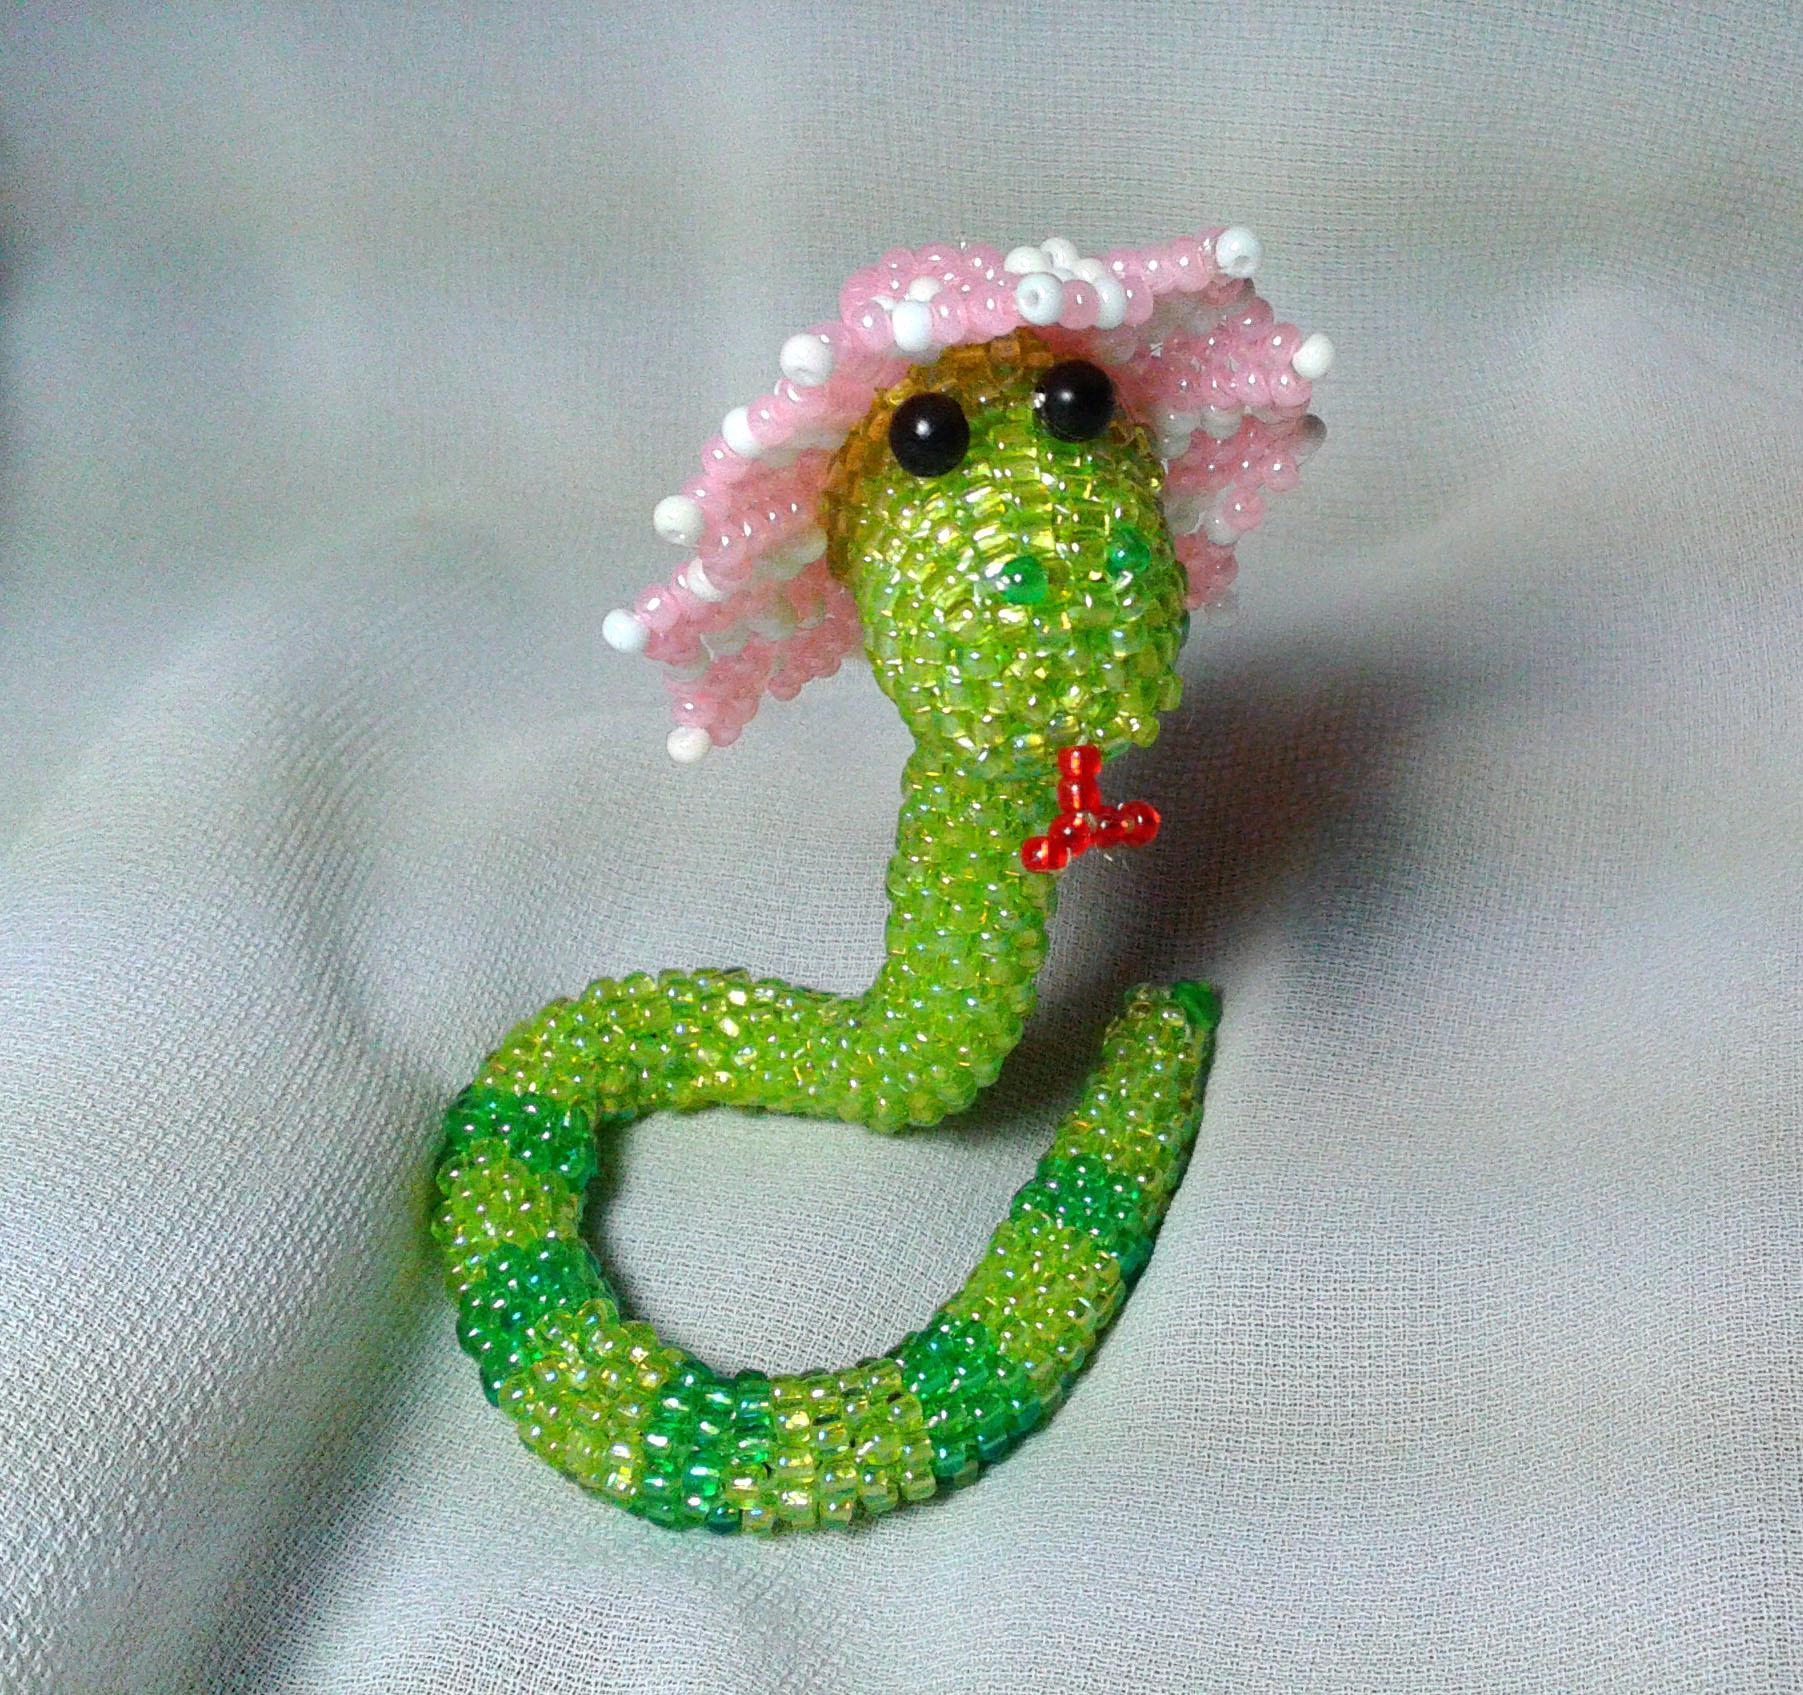 Из кого делают косметику Объемная змея из бисера опубликовано 29 03 2013 bicer ru схемы для бисероплетения biser info.